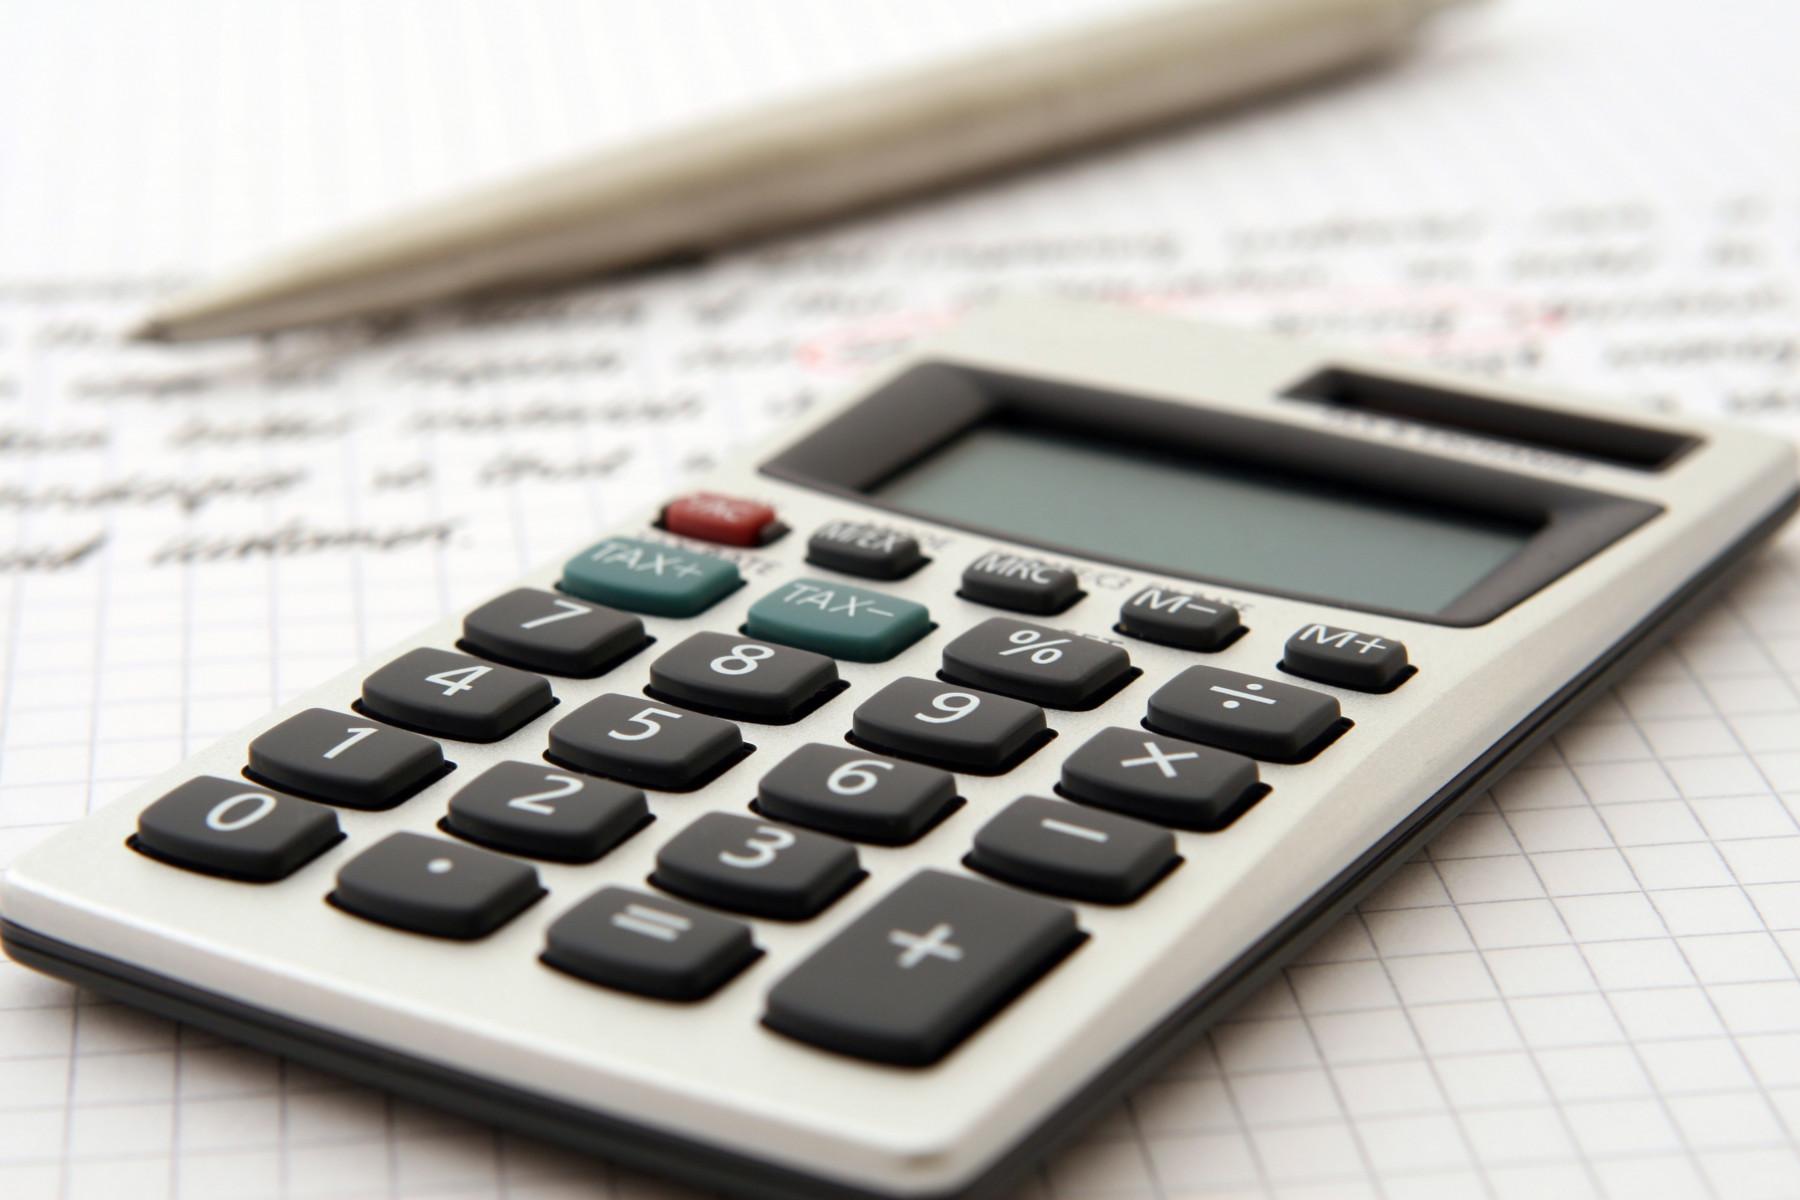 NASCUS letter regarding excise tax liabilities